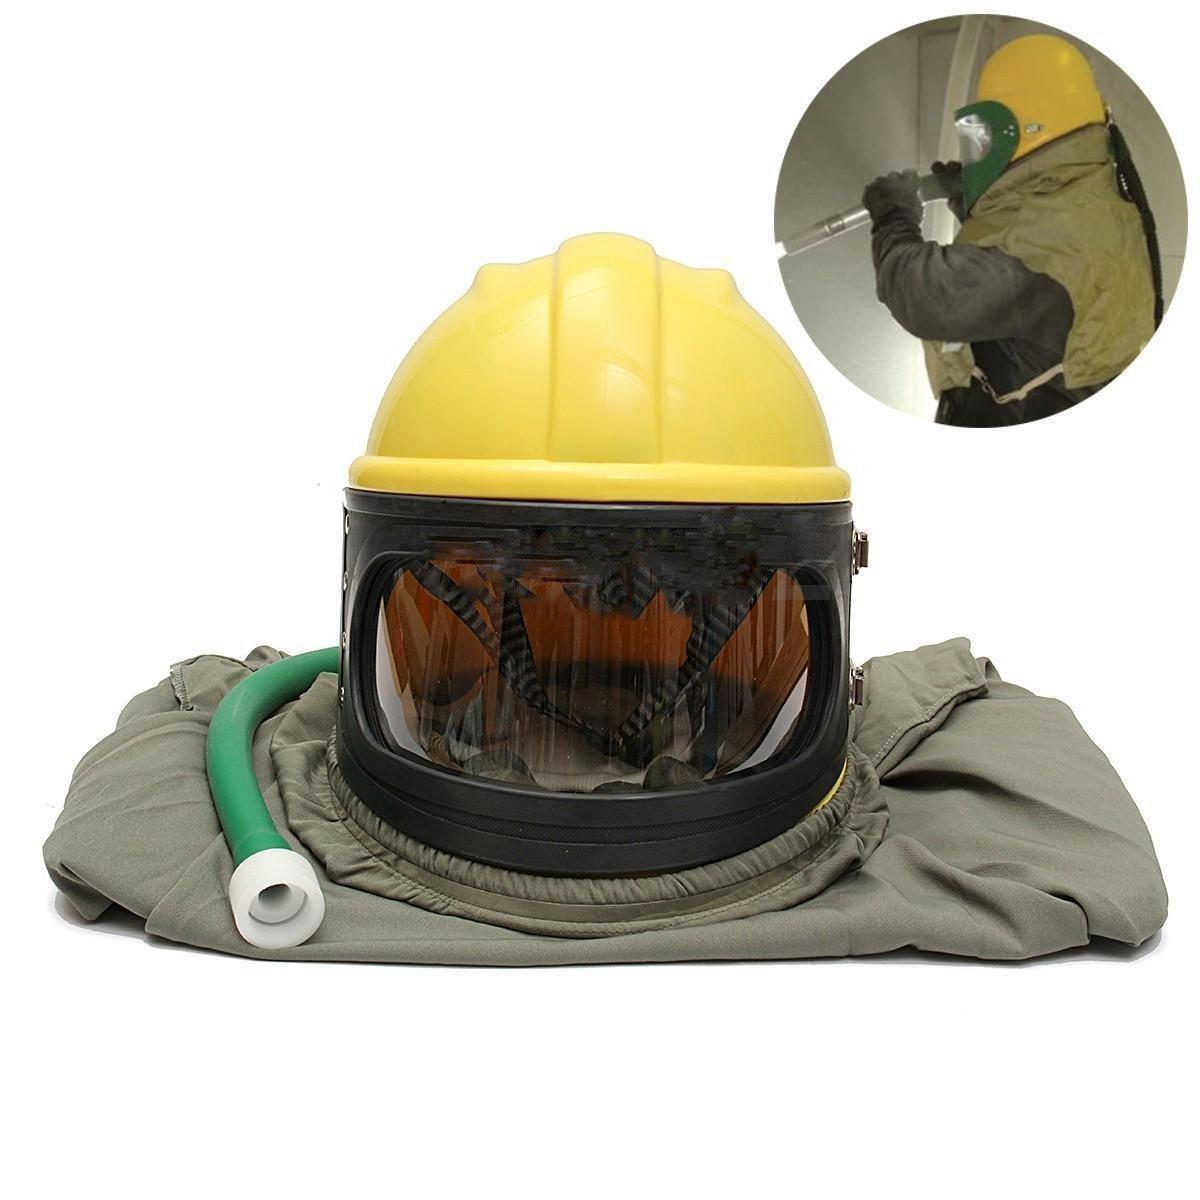 AIR FED Safety Sandblast Helmet Sand Blast Hood Protector for Sandblasting by BIC (Image #8)